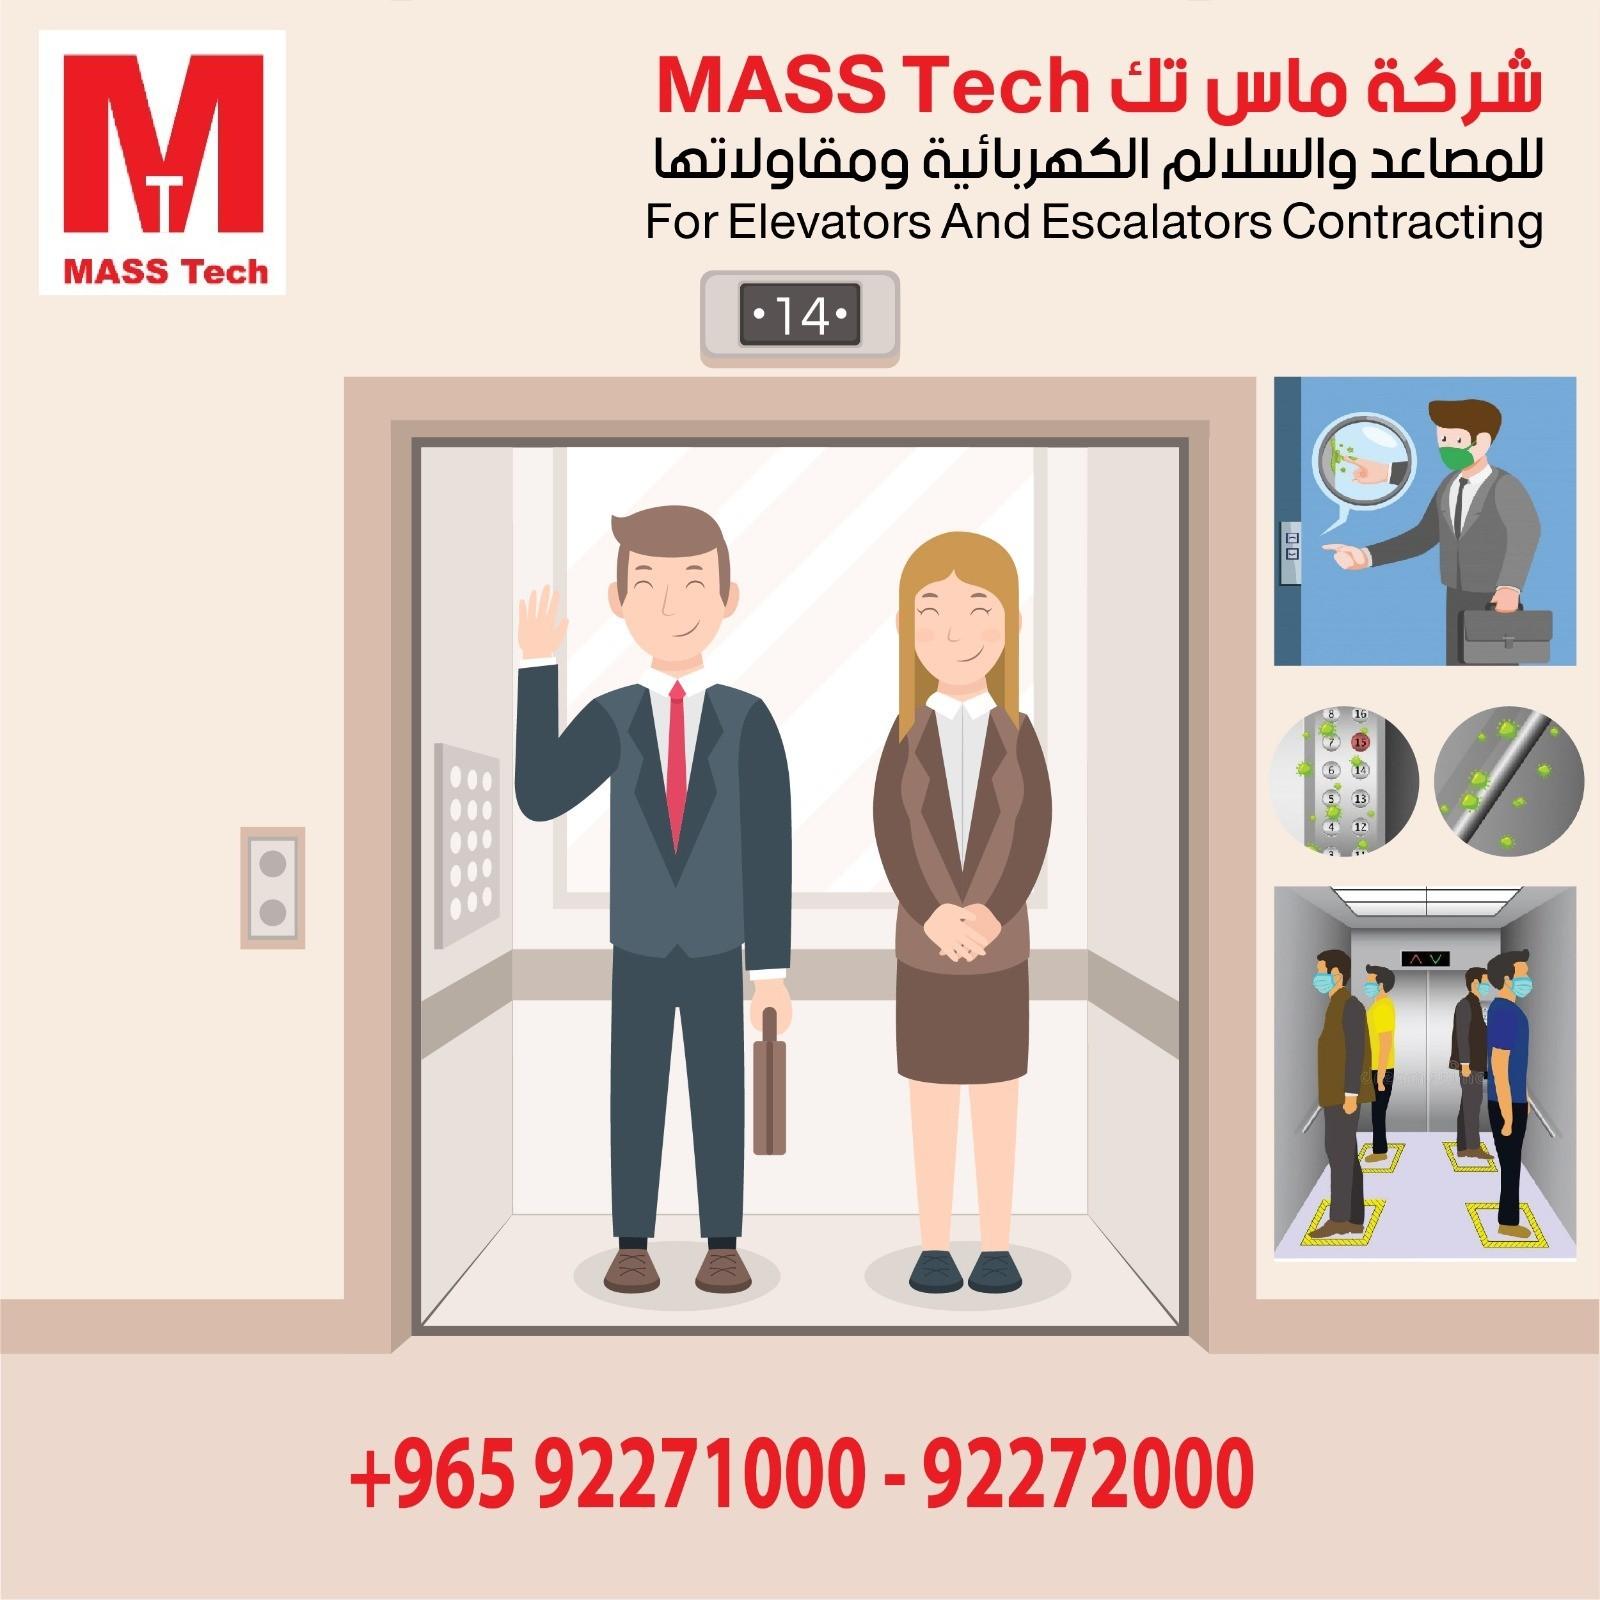 شركة ماس تك MASS Tech  للمصاعد والسلالم الكهربائية ومقاولاتها